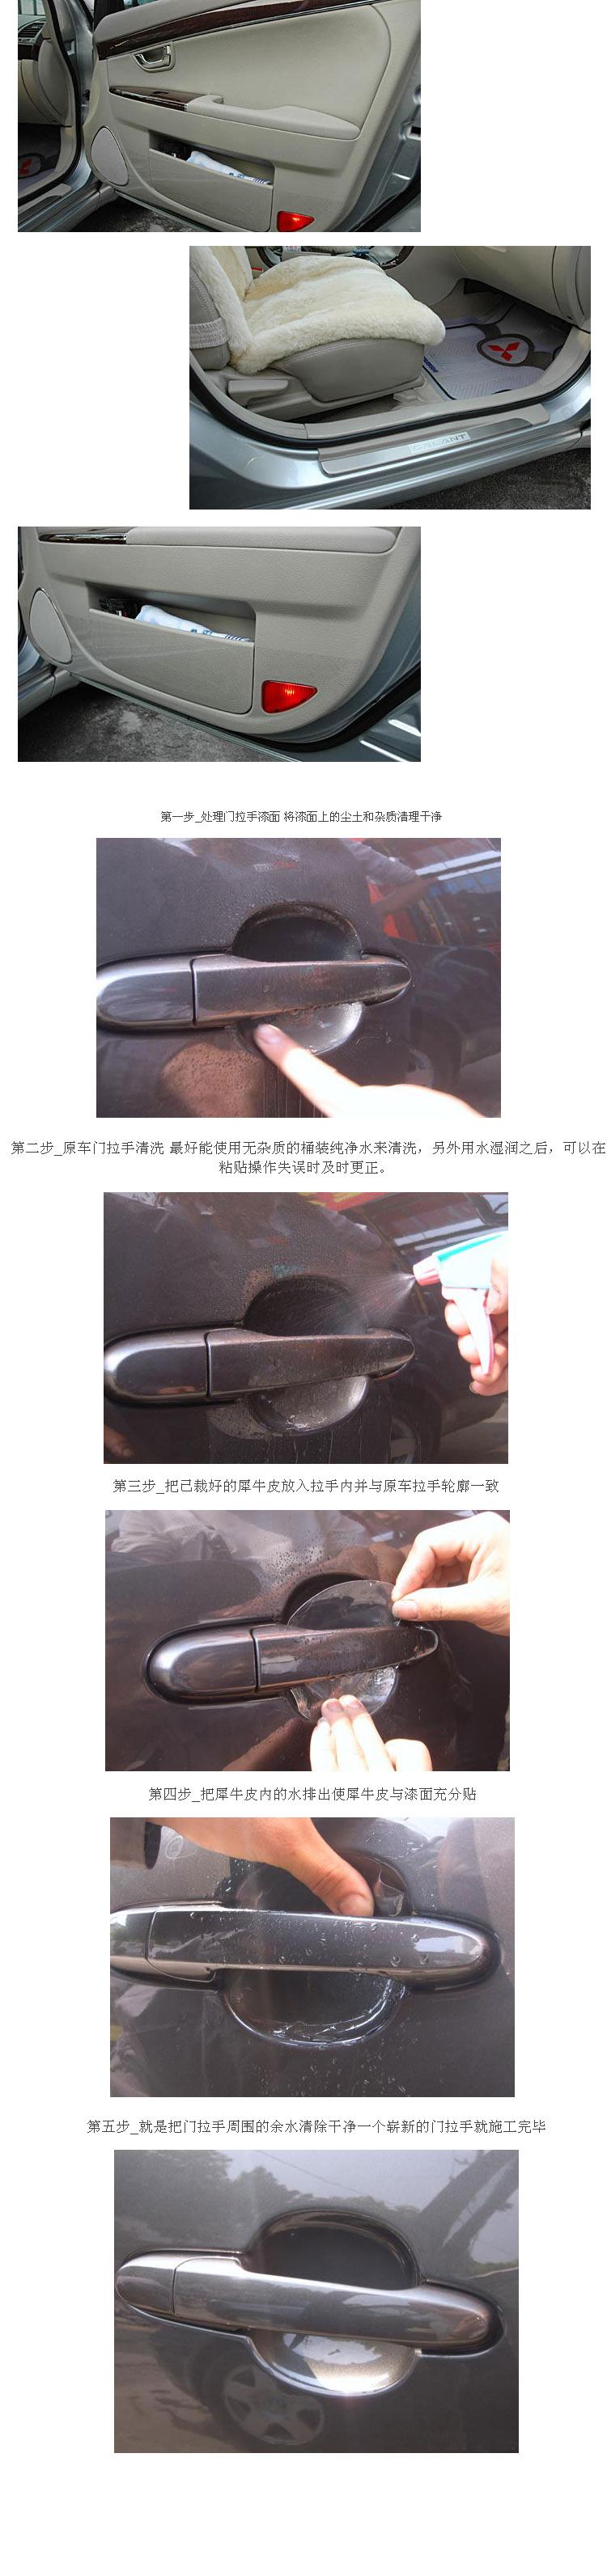 Самоклеющаяся защитная пленка, защитная мембрана, 6 метров